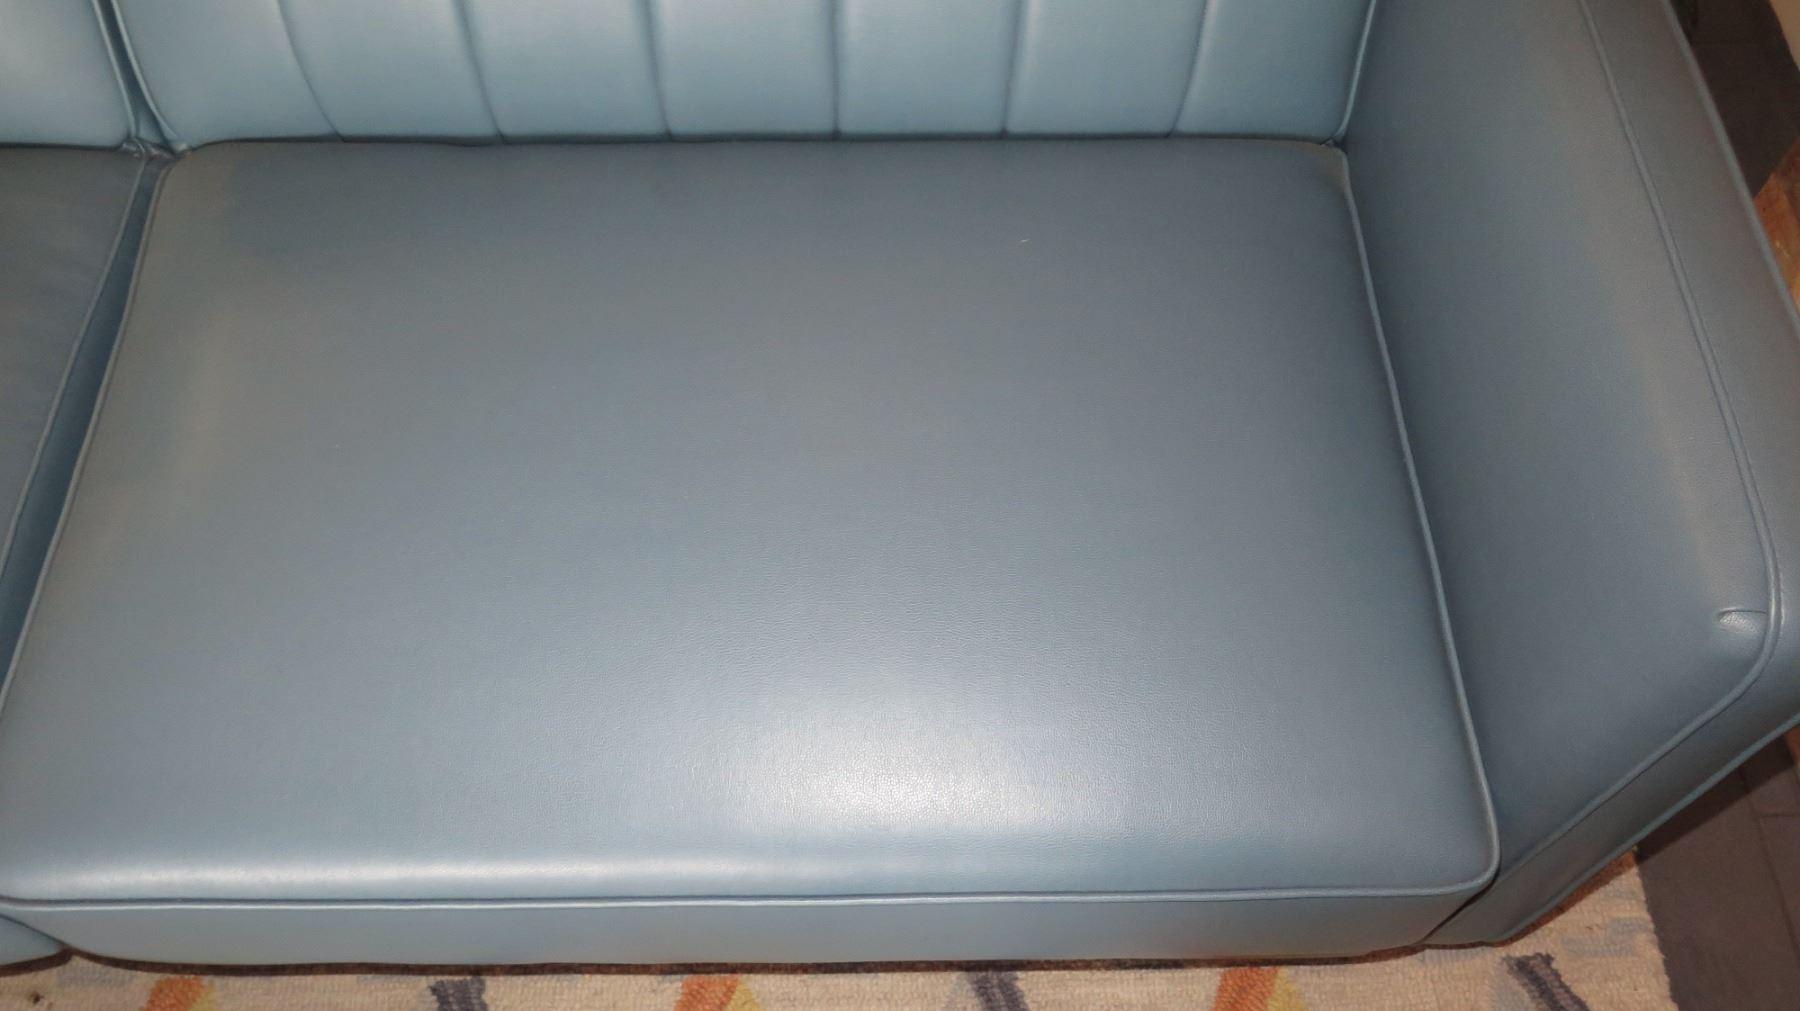 Upholstered Leather-Like Sofa Sleeper (Backrest Folds Down) 80\